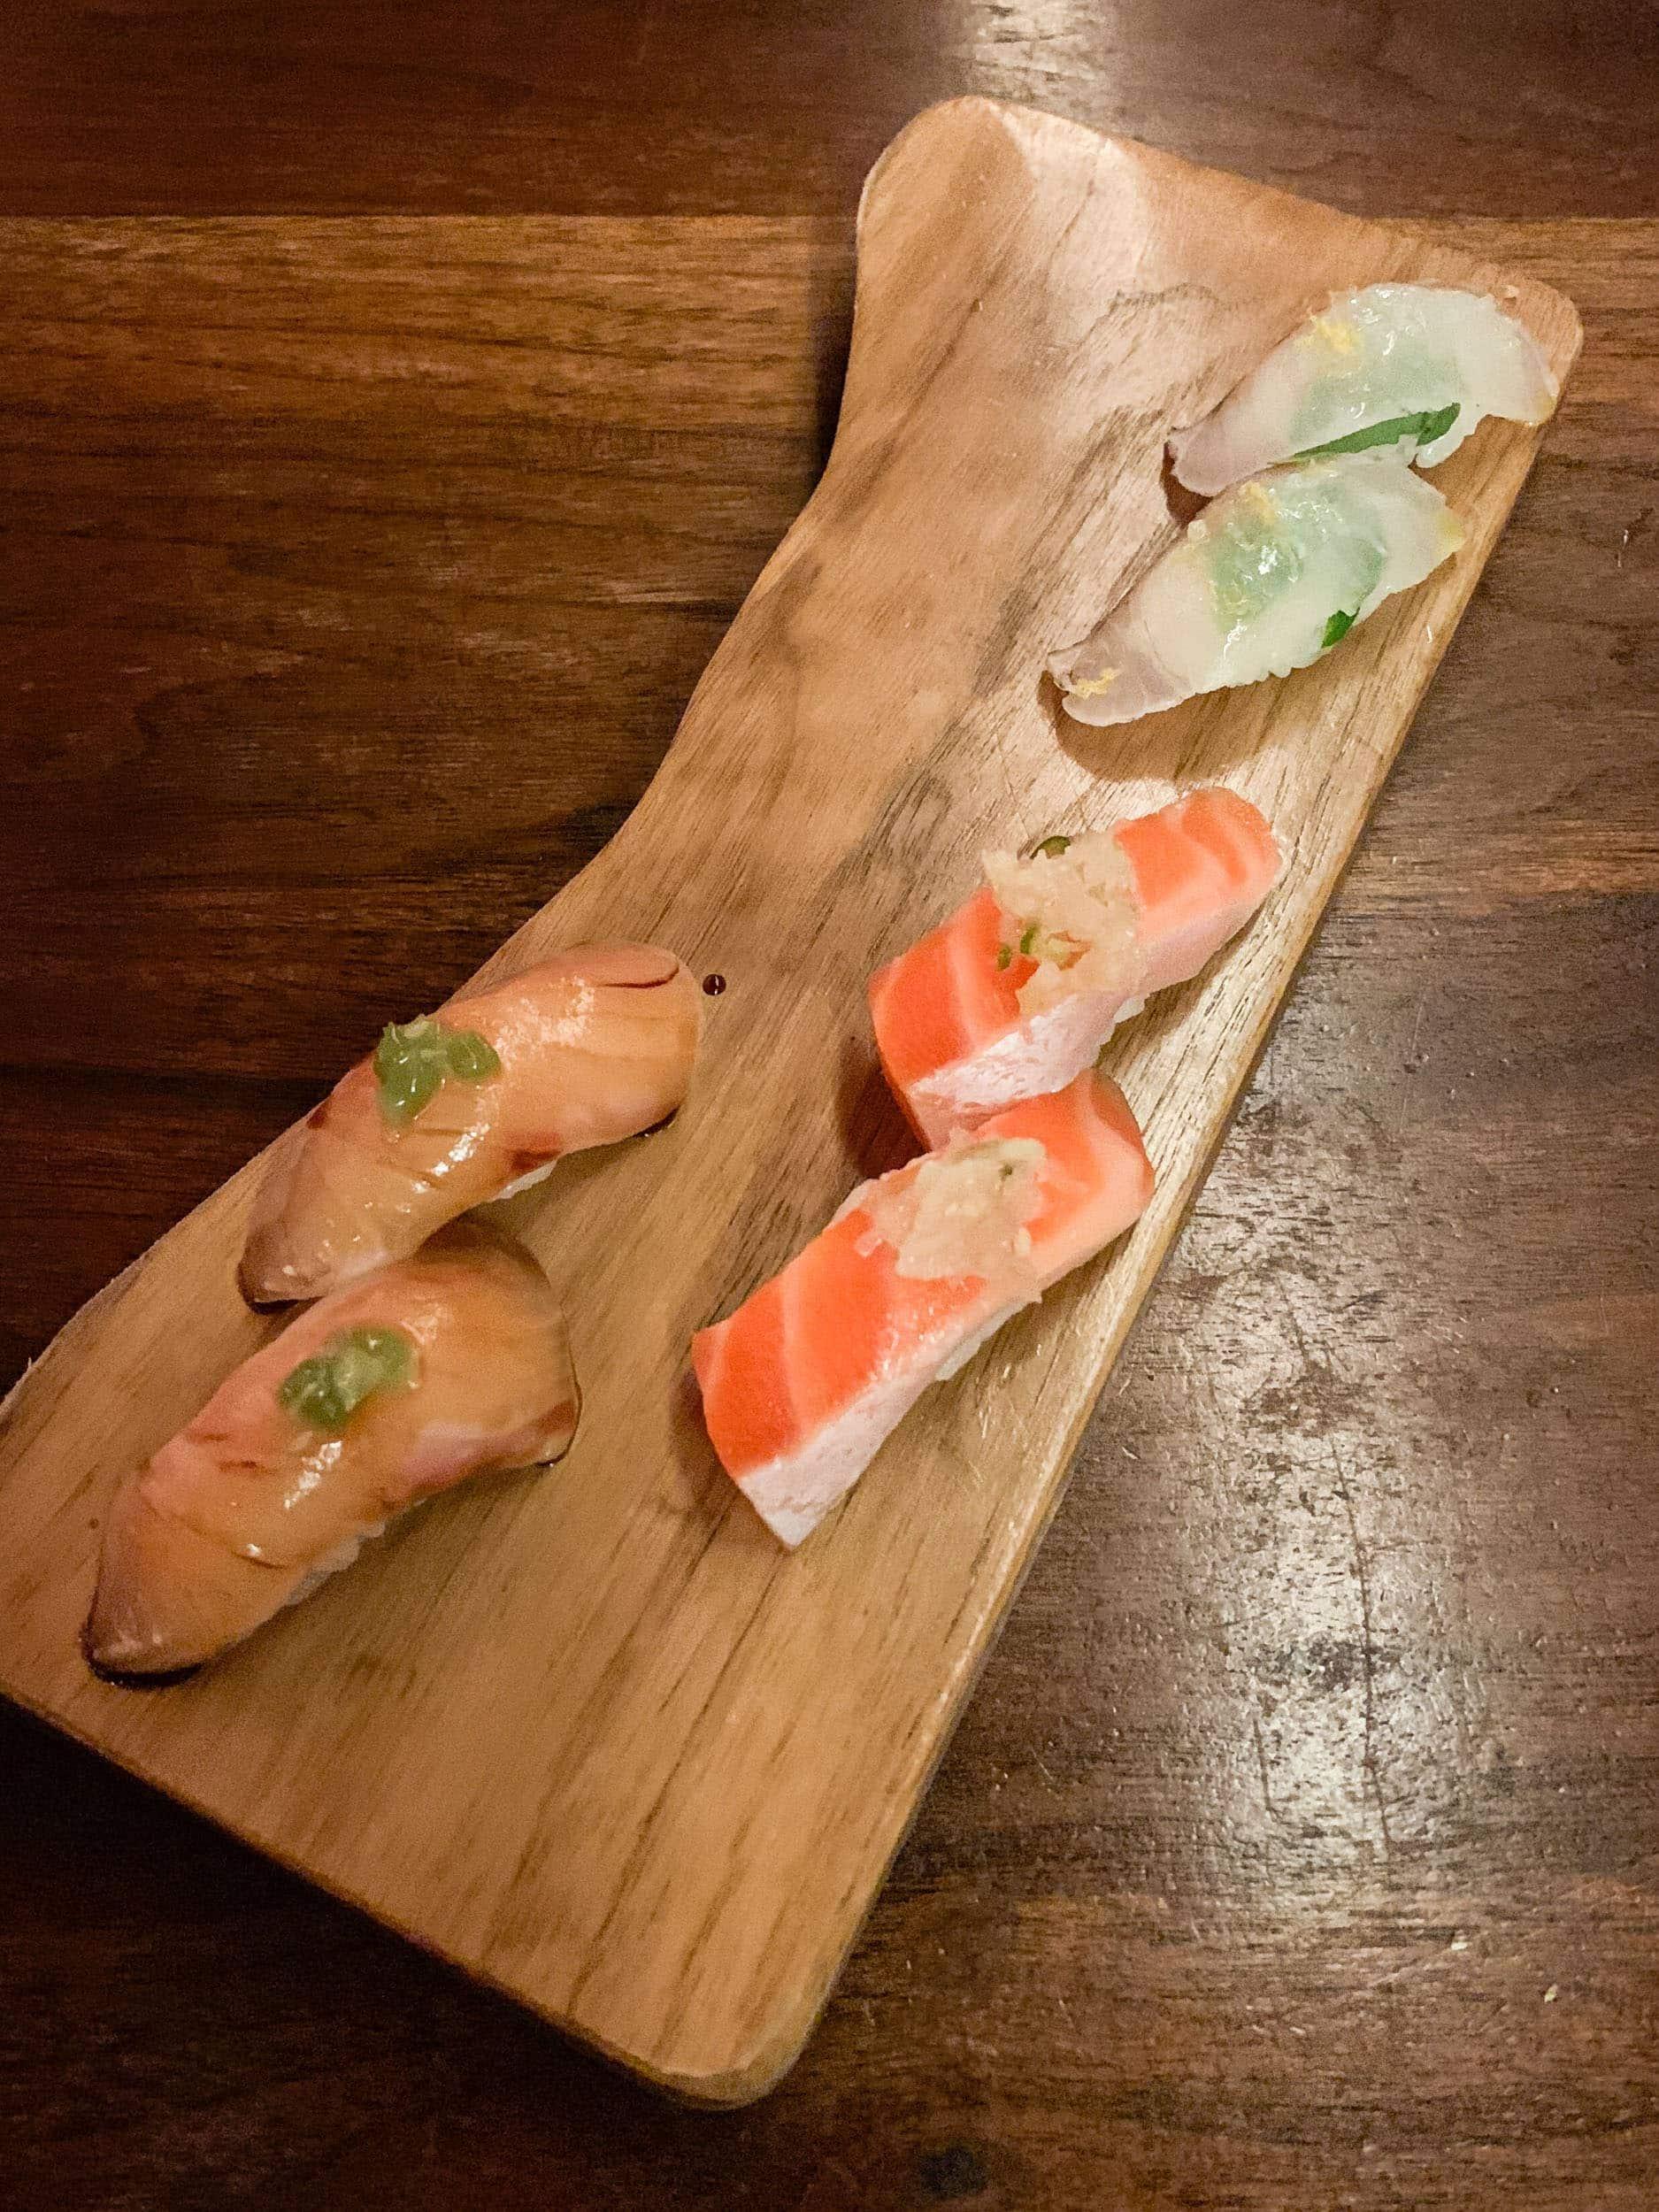 Sushi at Uchiko